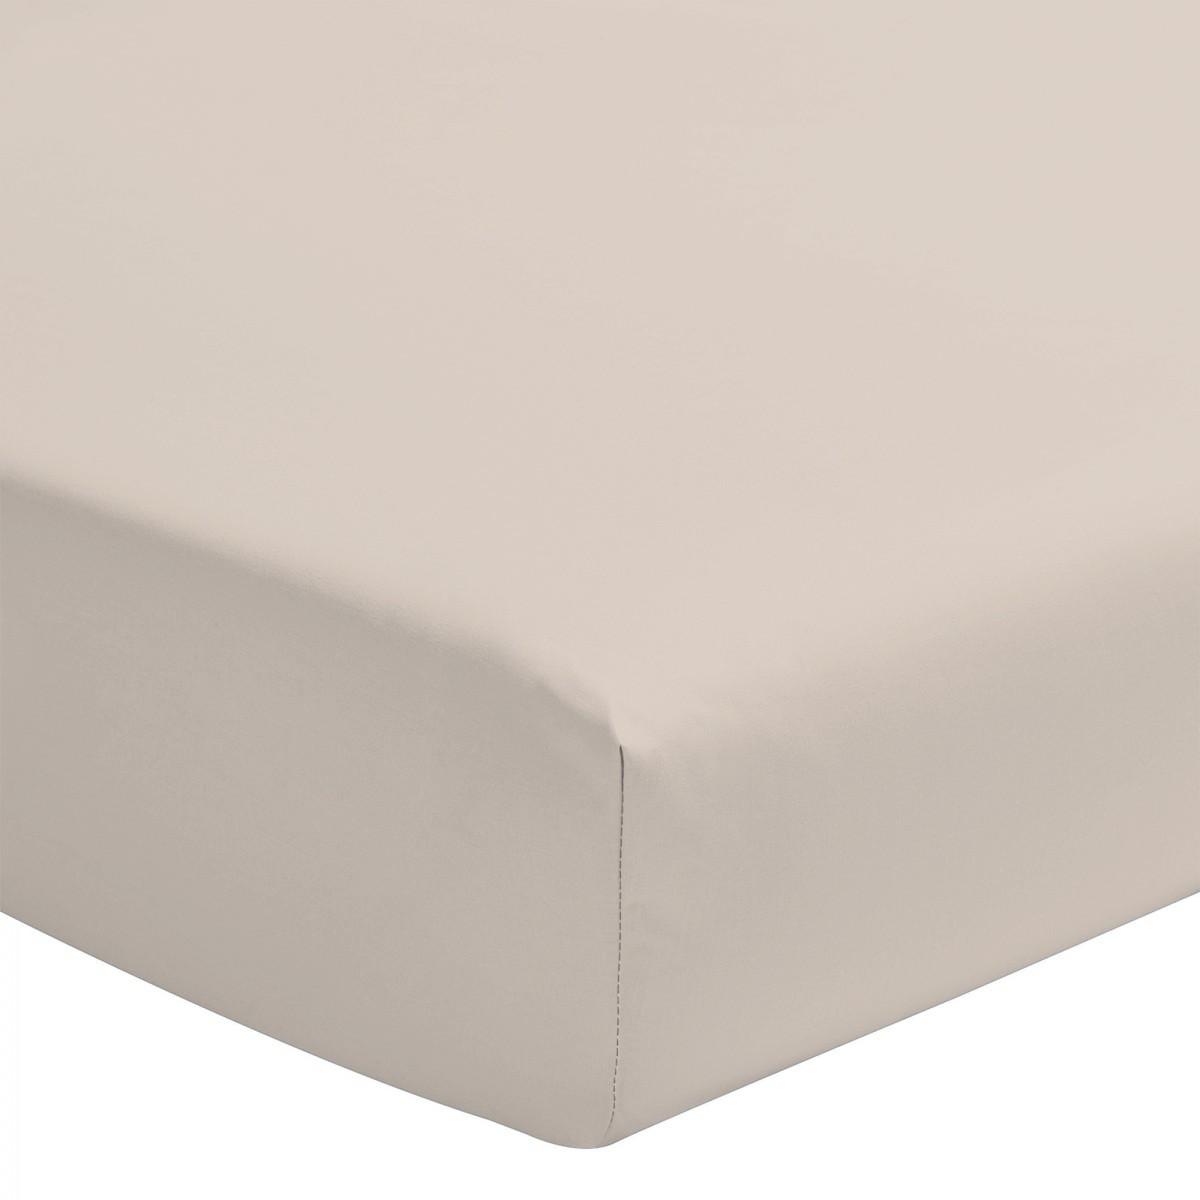 Drap Housse Coloré Uni 100% Coton Bonnet 25cm Beige Crème 140x190cm